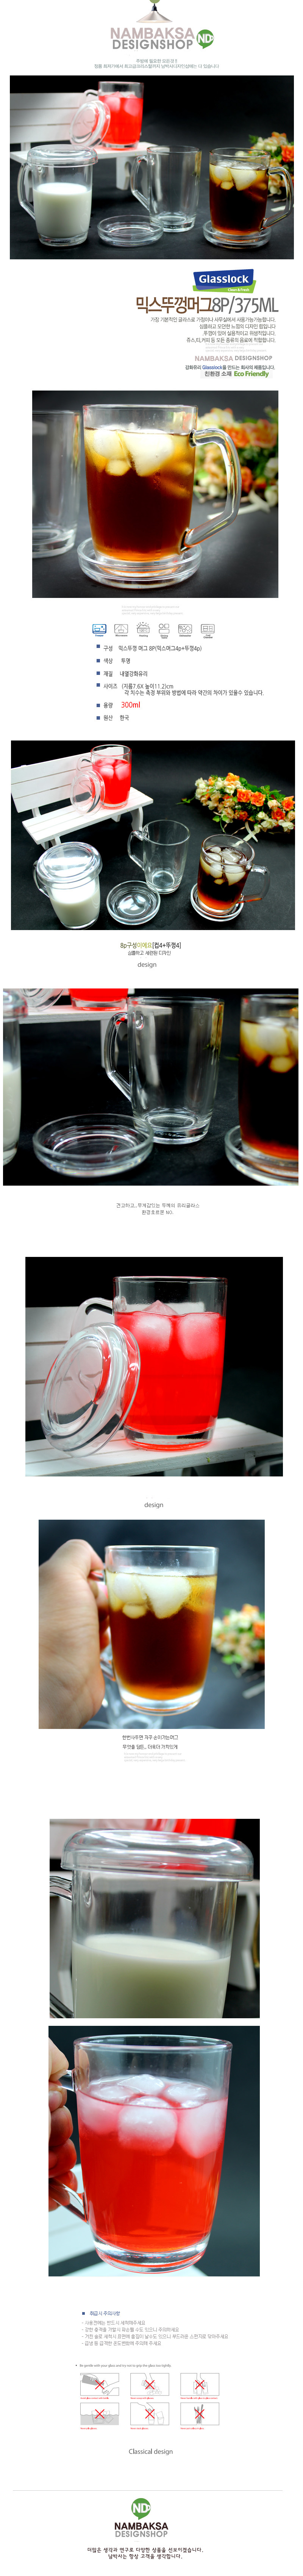 남박사 믹스뚜껑머그8p세트 (뚜껑4p+머그4p) - 남박사, 11,900원, 머그컵, 머그컵 세트